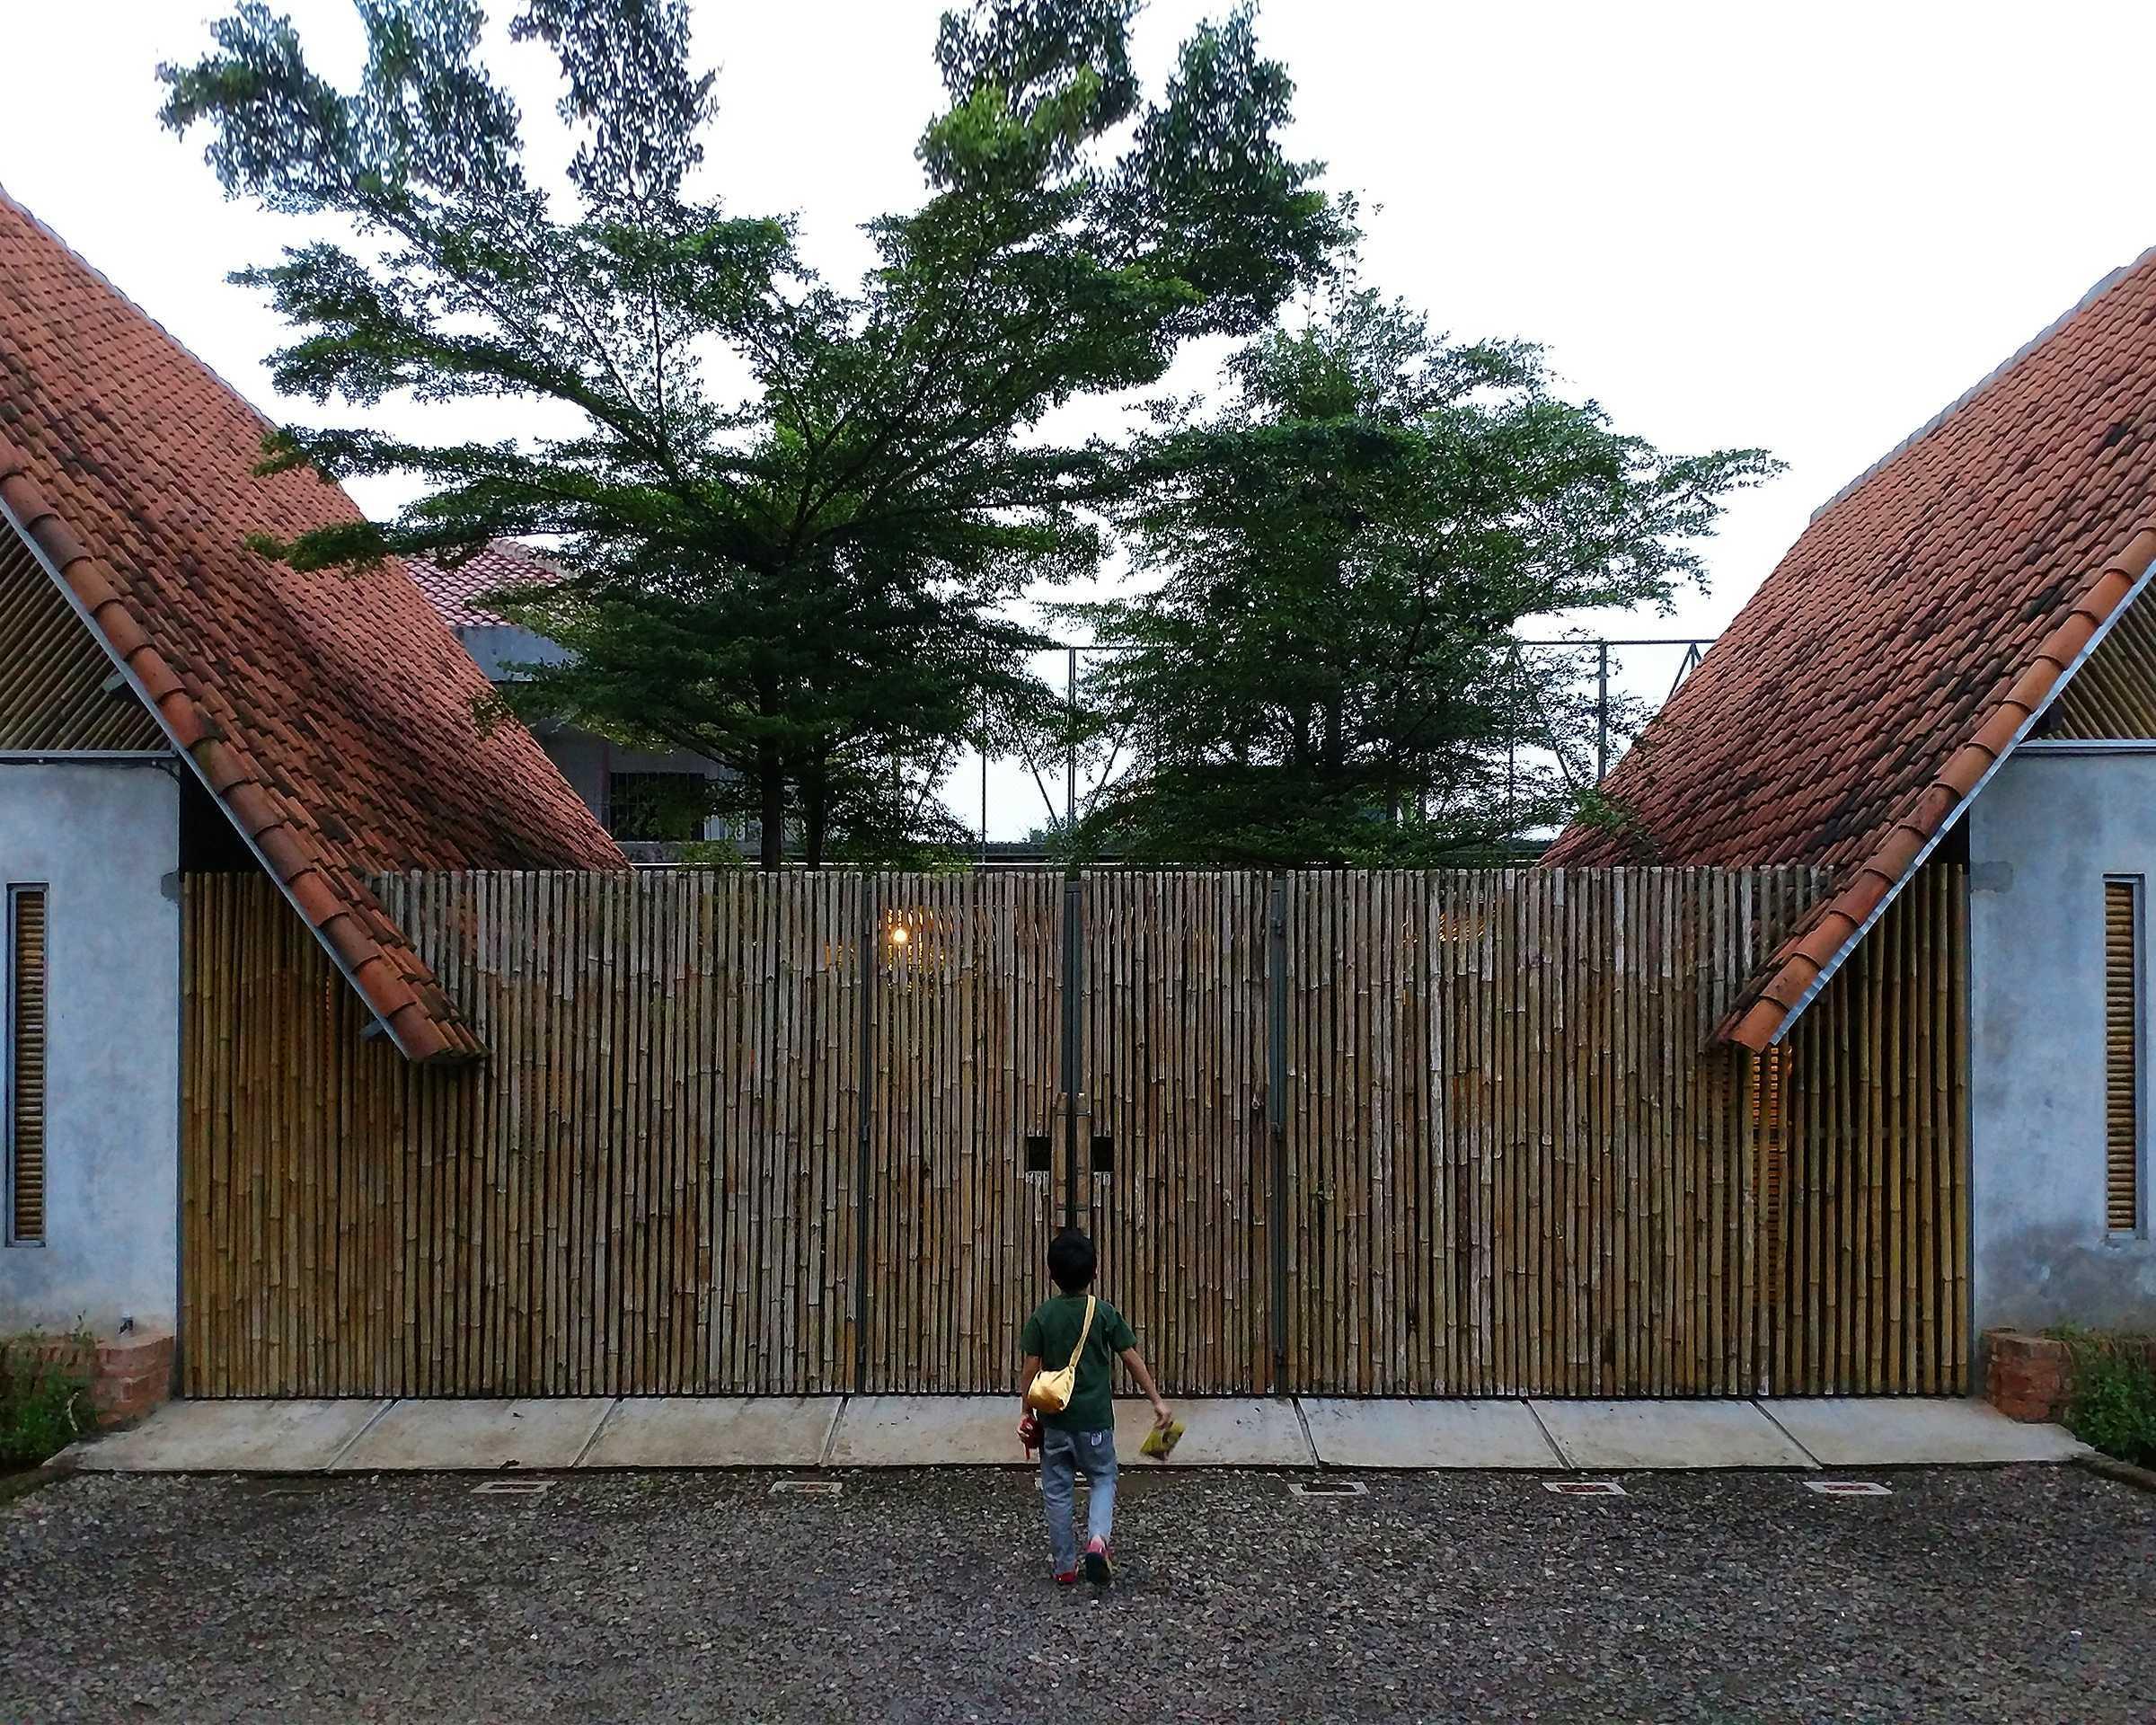 Bentara Indonesia Arsitek Paviliun Bentara Jatiasih, Kota Bks, Jawa Barat, Indonesia Jatiasih, Kota Bks, Jawa Barat, Indonesia Bentara-Indonesia-Arsitek-Paviliun-Bentara   65893